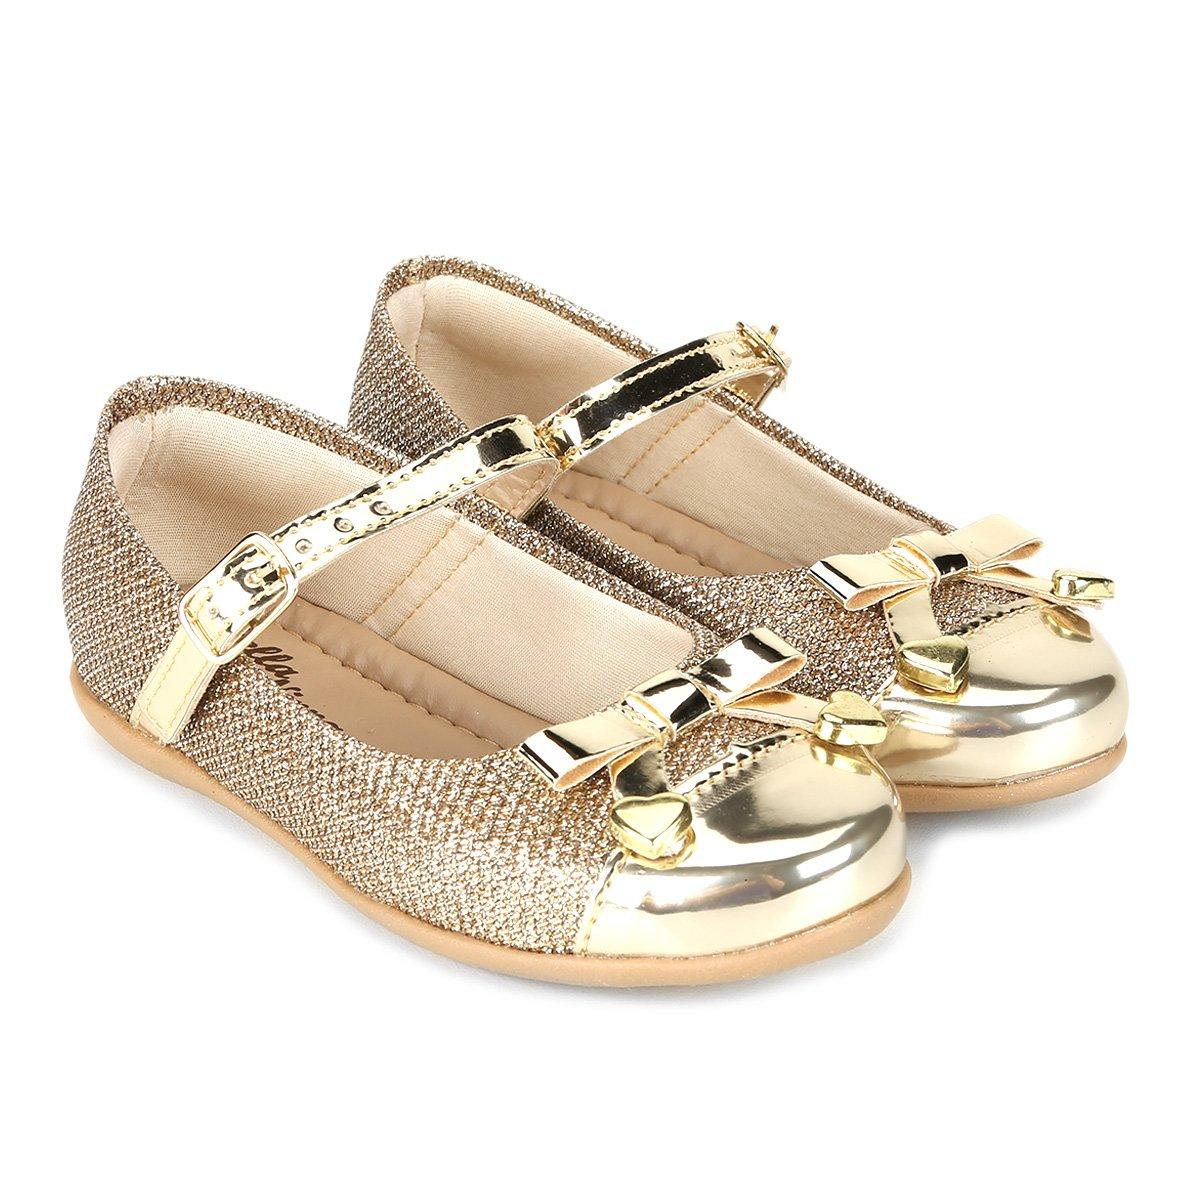 e467aeb6d65 Sapatilha Infantil Bella Ninna Laço - Dourado - Compre Agora